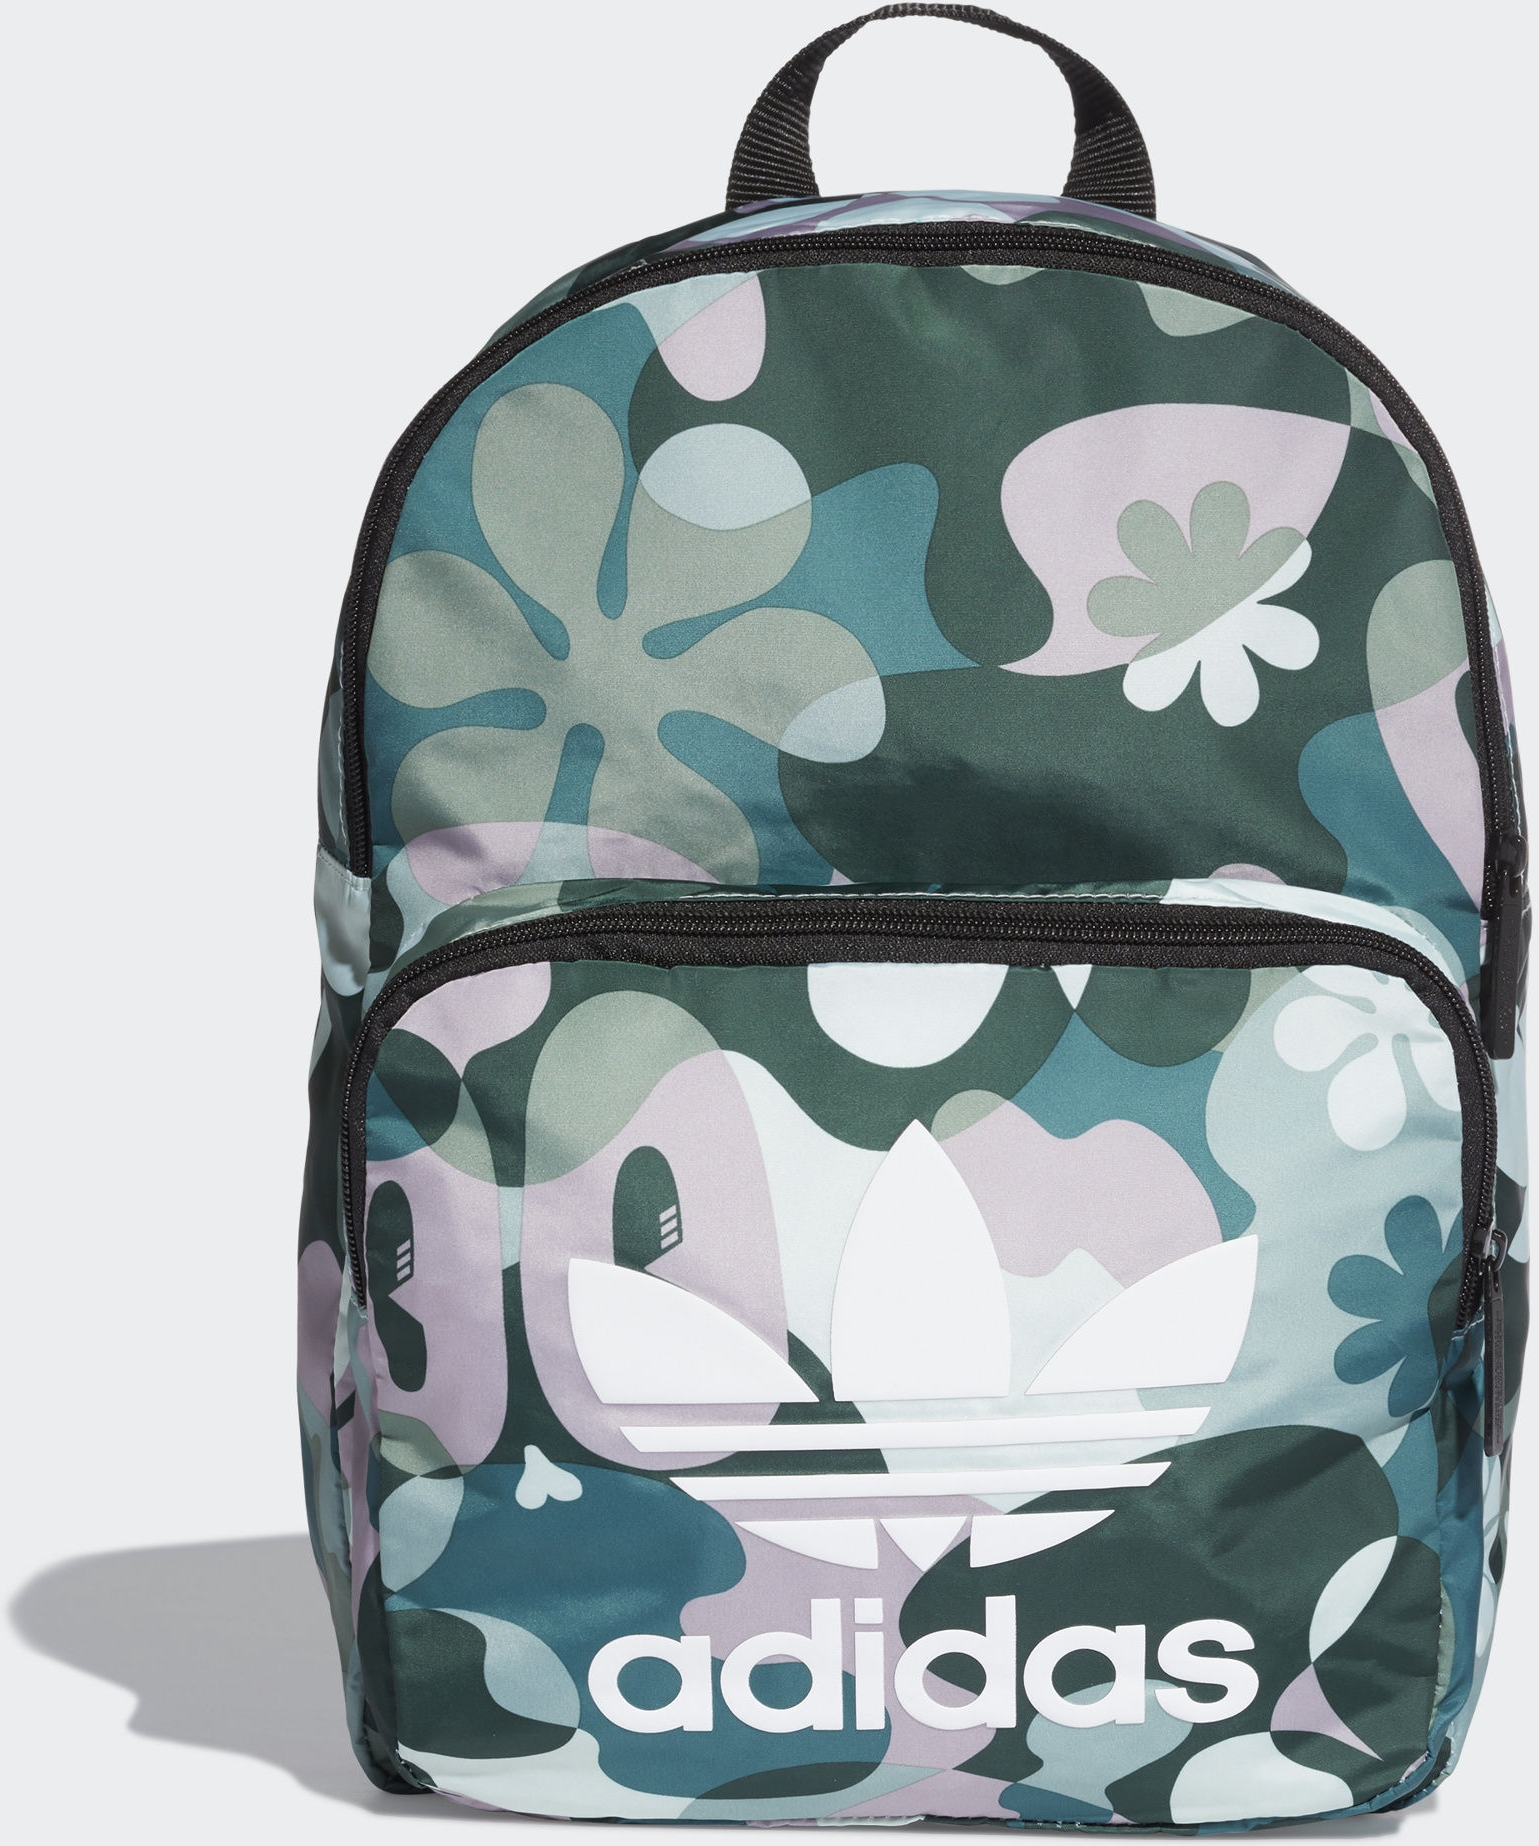 Рюкзак женский Adidas Bp Cl M, цвет: разноцветный. DW6718 цена